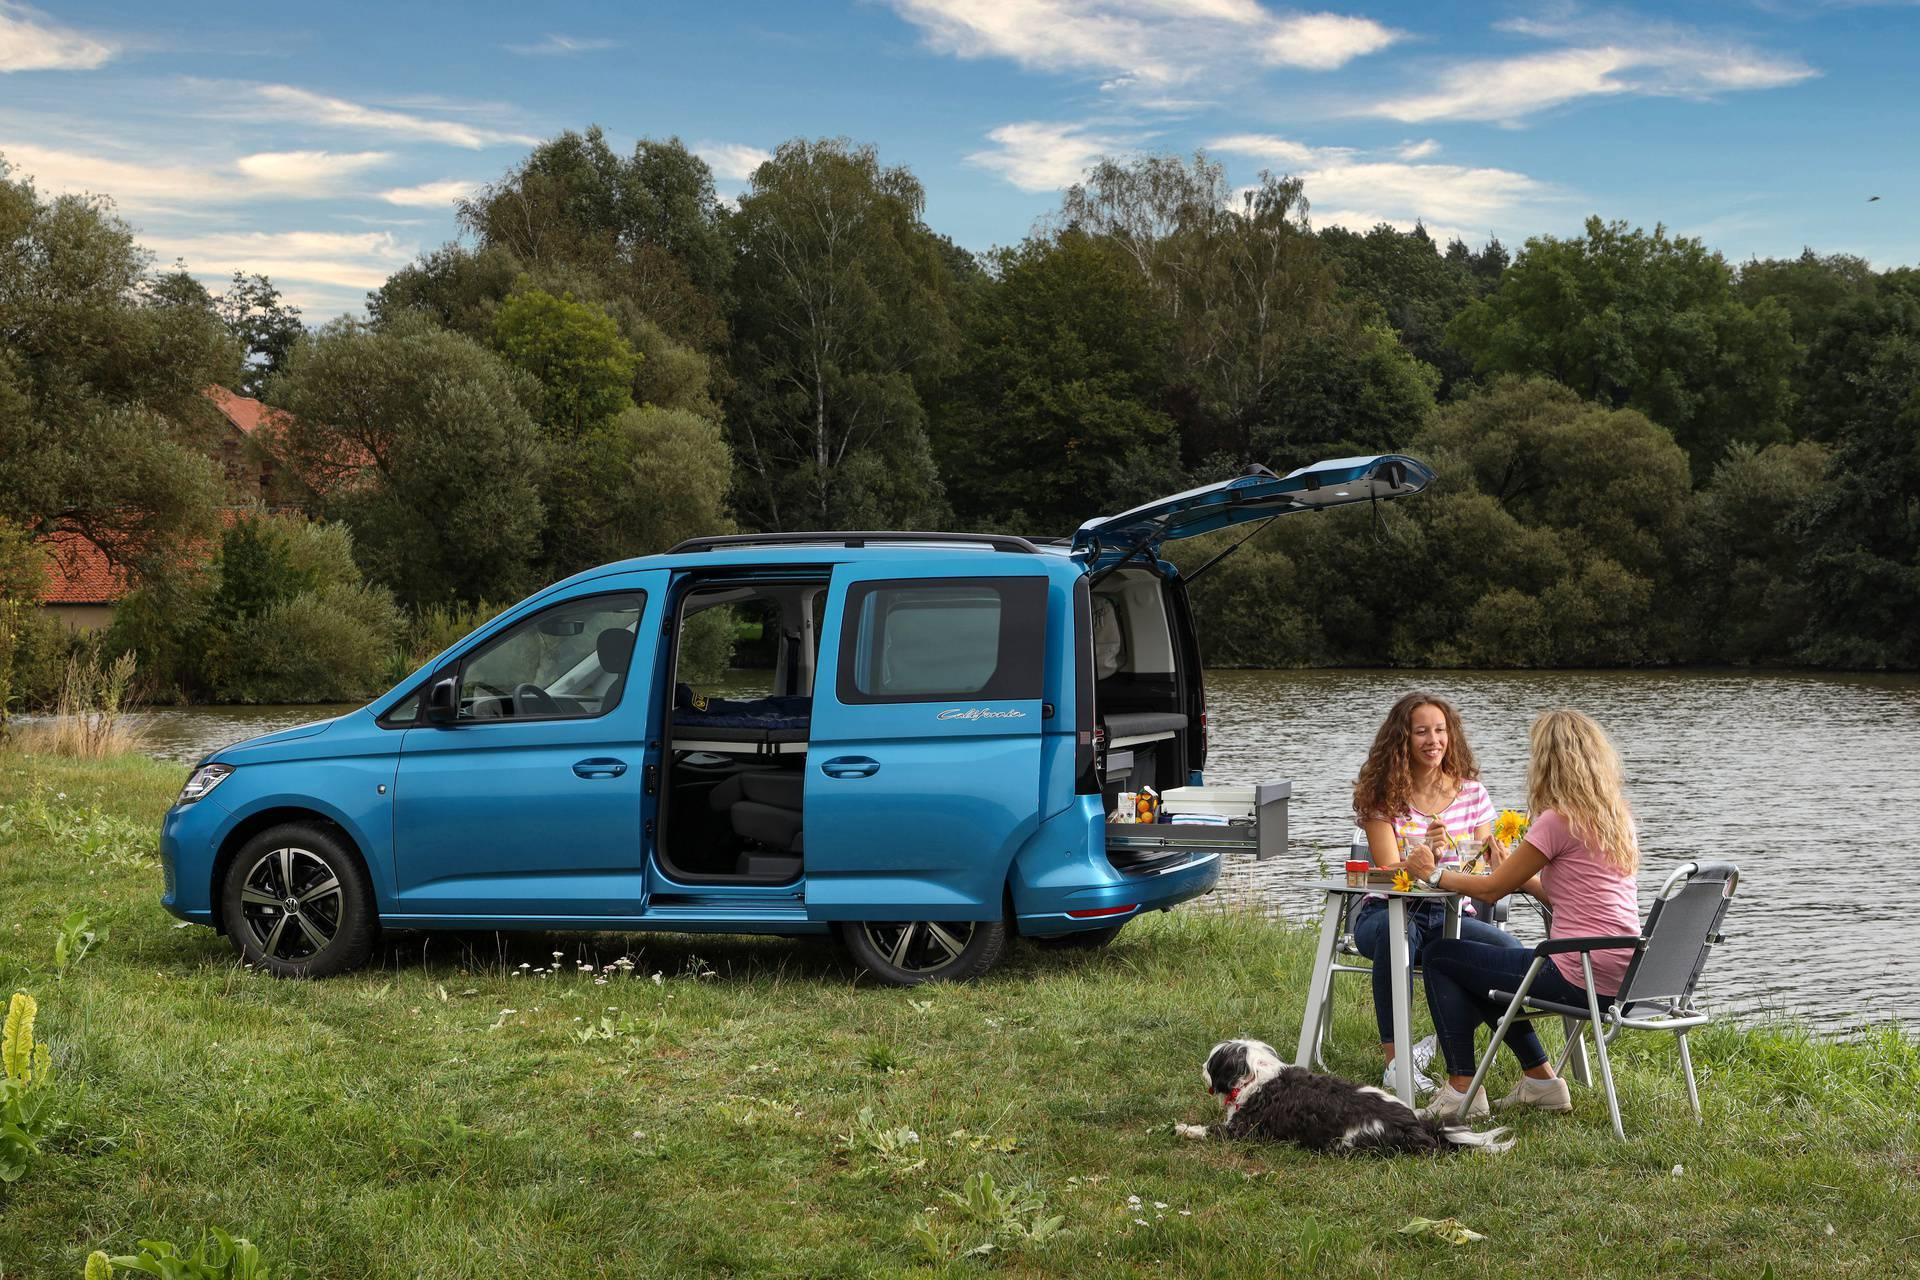 Volkswagen pretvorio Caddy  u minijaturni praktični kamper